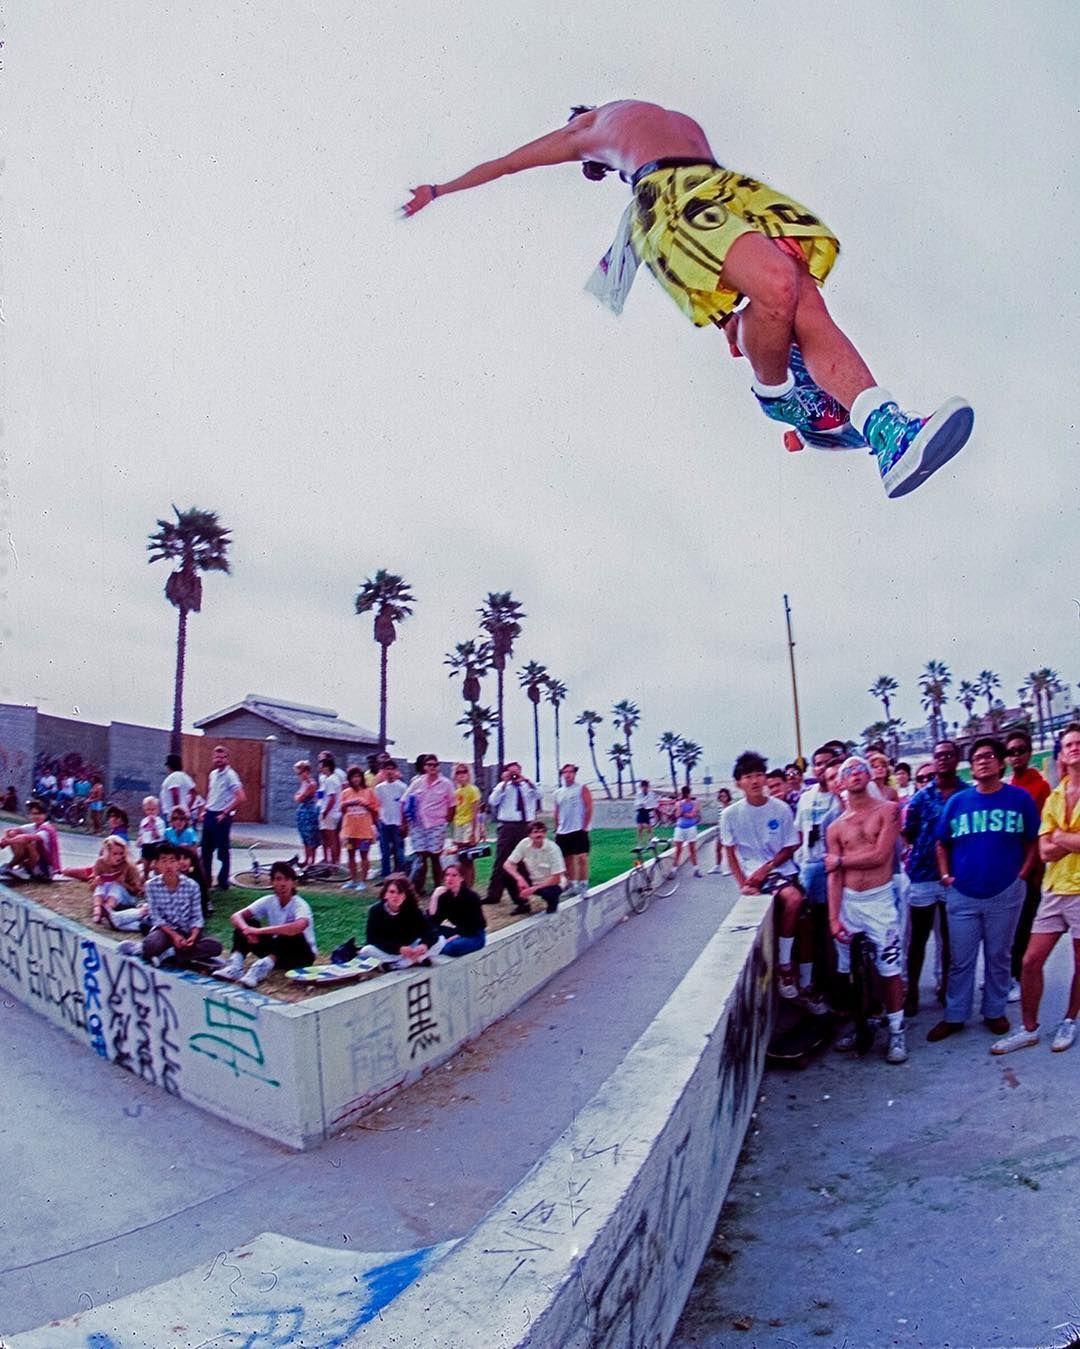 HOSOI.. Venice Skatepark 1988. Ckatz. @christianhosoi @hosoiskateboards @cbkatz #venicebeach #veniceoriginal #dogtown #zboys by cbkatz